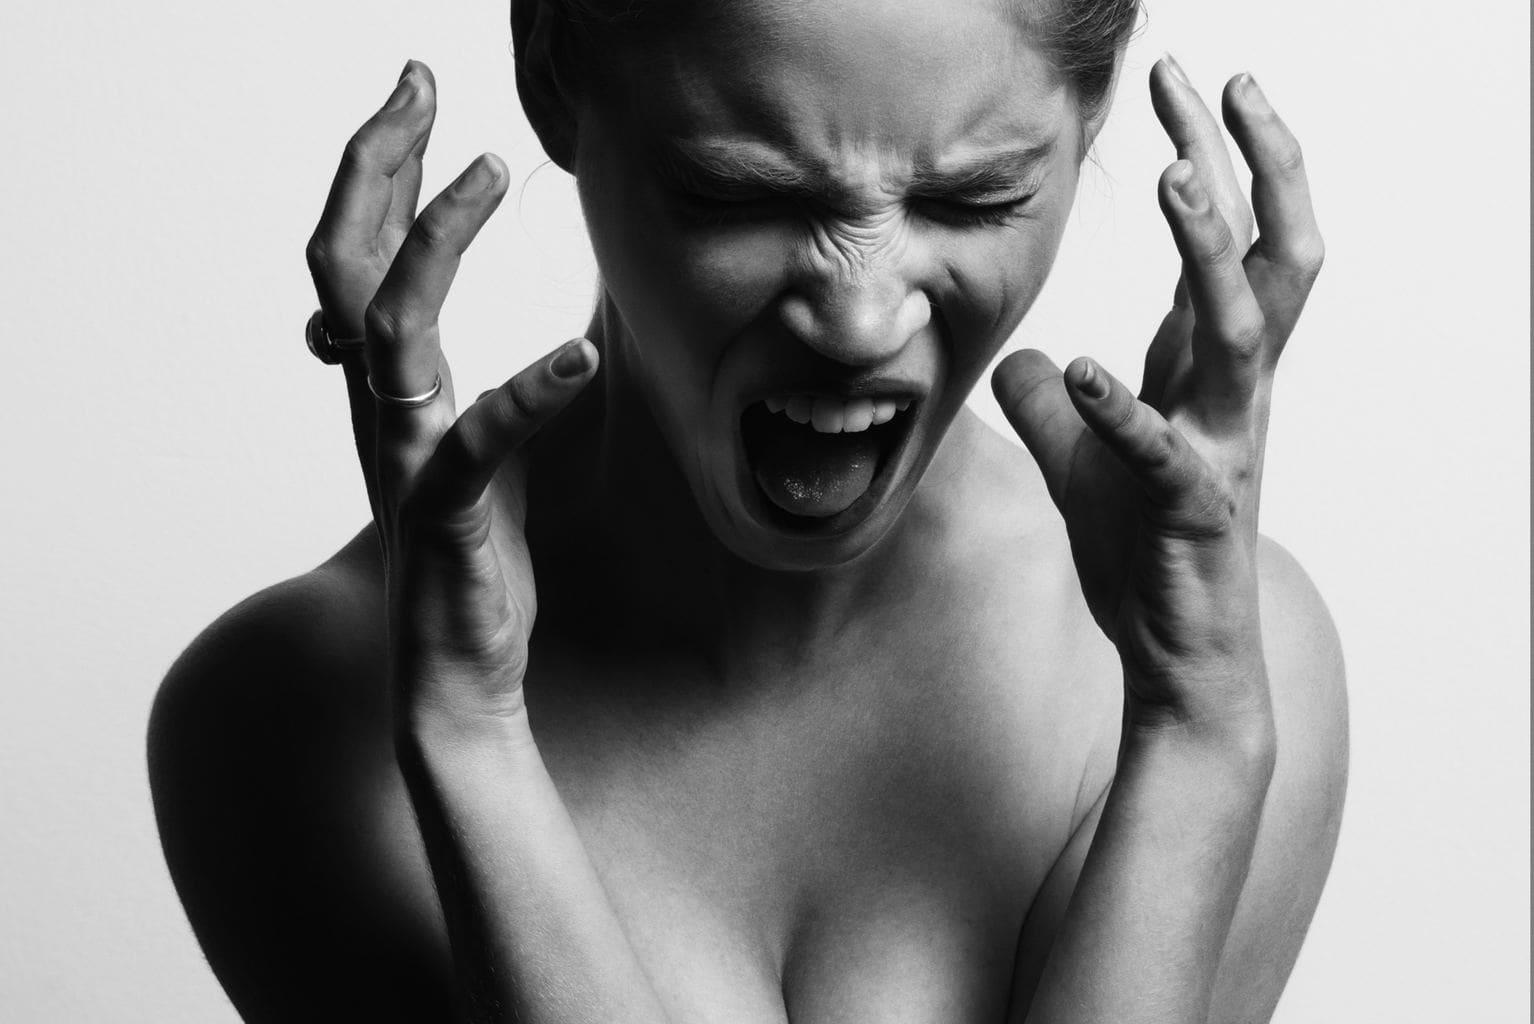 retrato de una mujer gritando